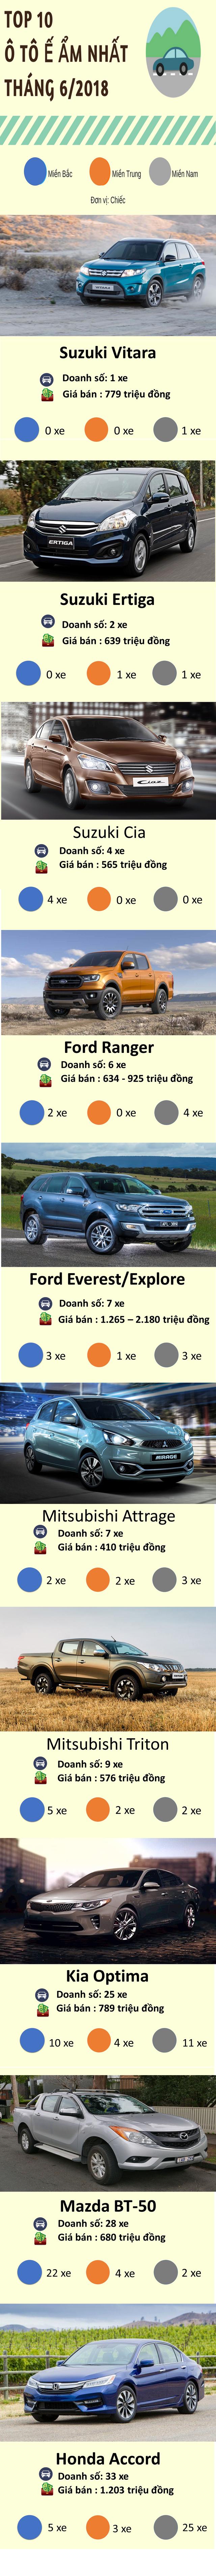 10 mẫu xe hơi ế ẩm nhất Việt Nam tháng 6/2018: Hầu hết là xe nhập khẩu - Ảnh 1.